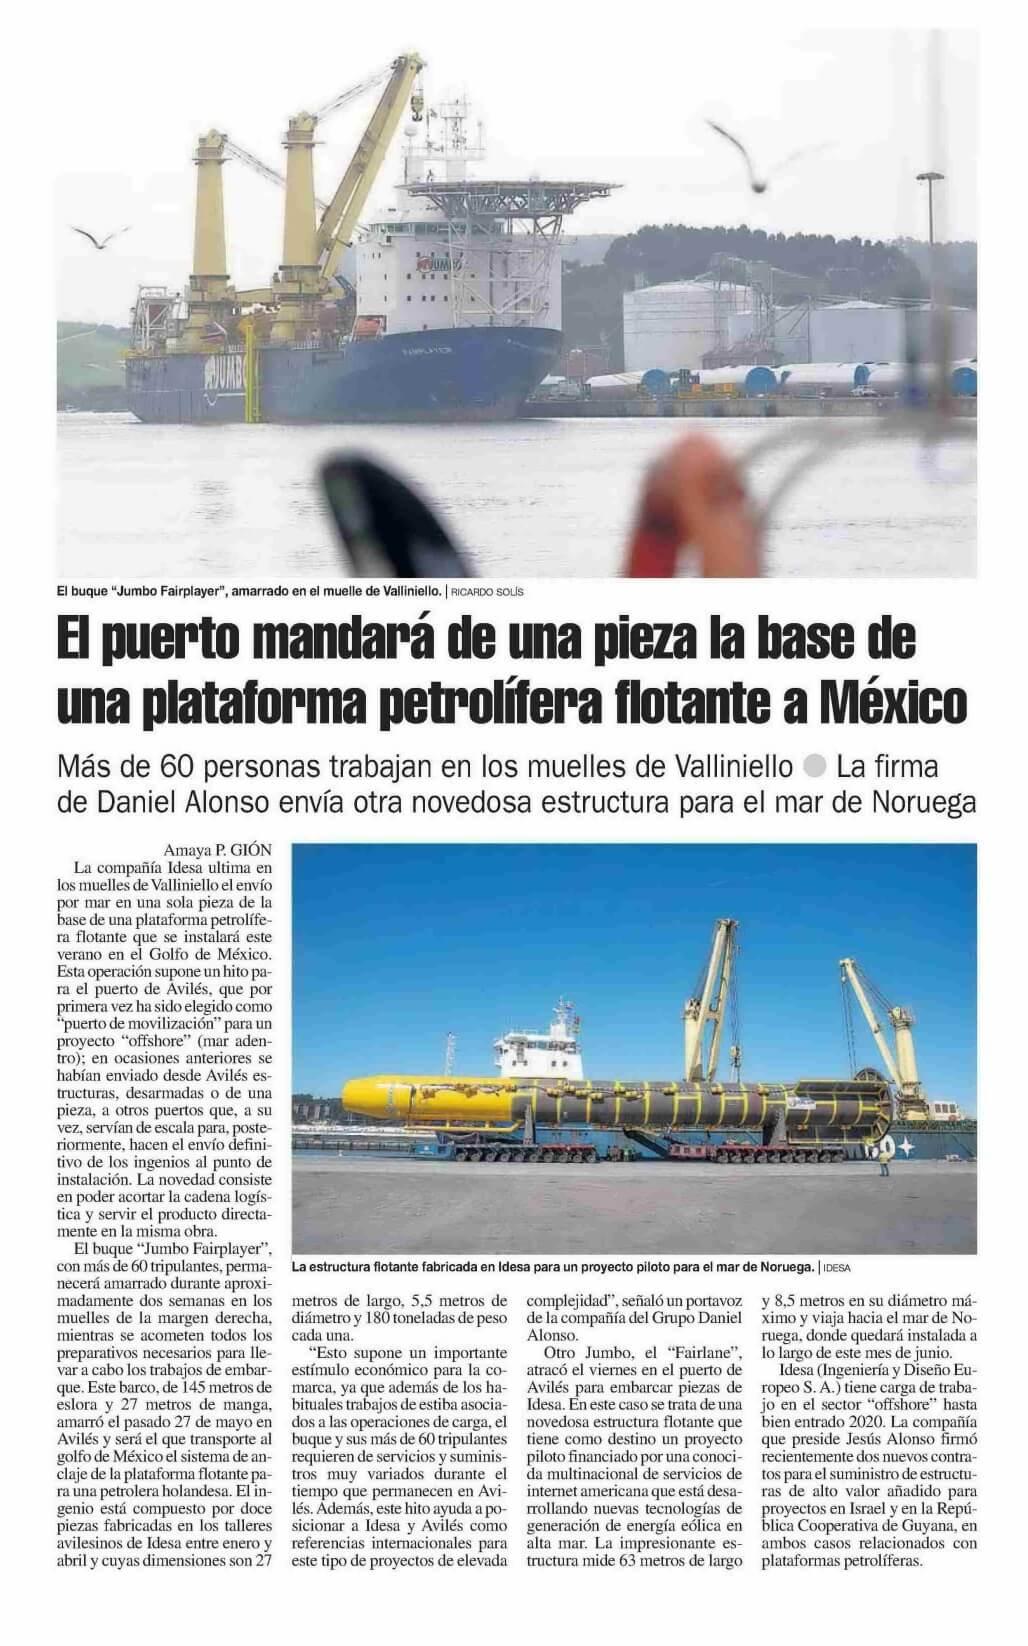 Idesa diseña y fabrica grandes estructuras flotantes para el resto del mundo